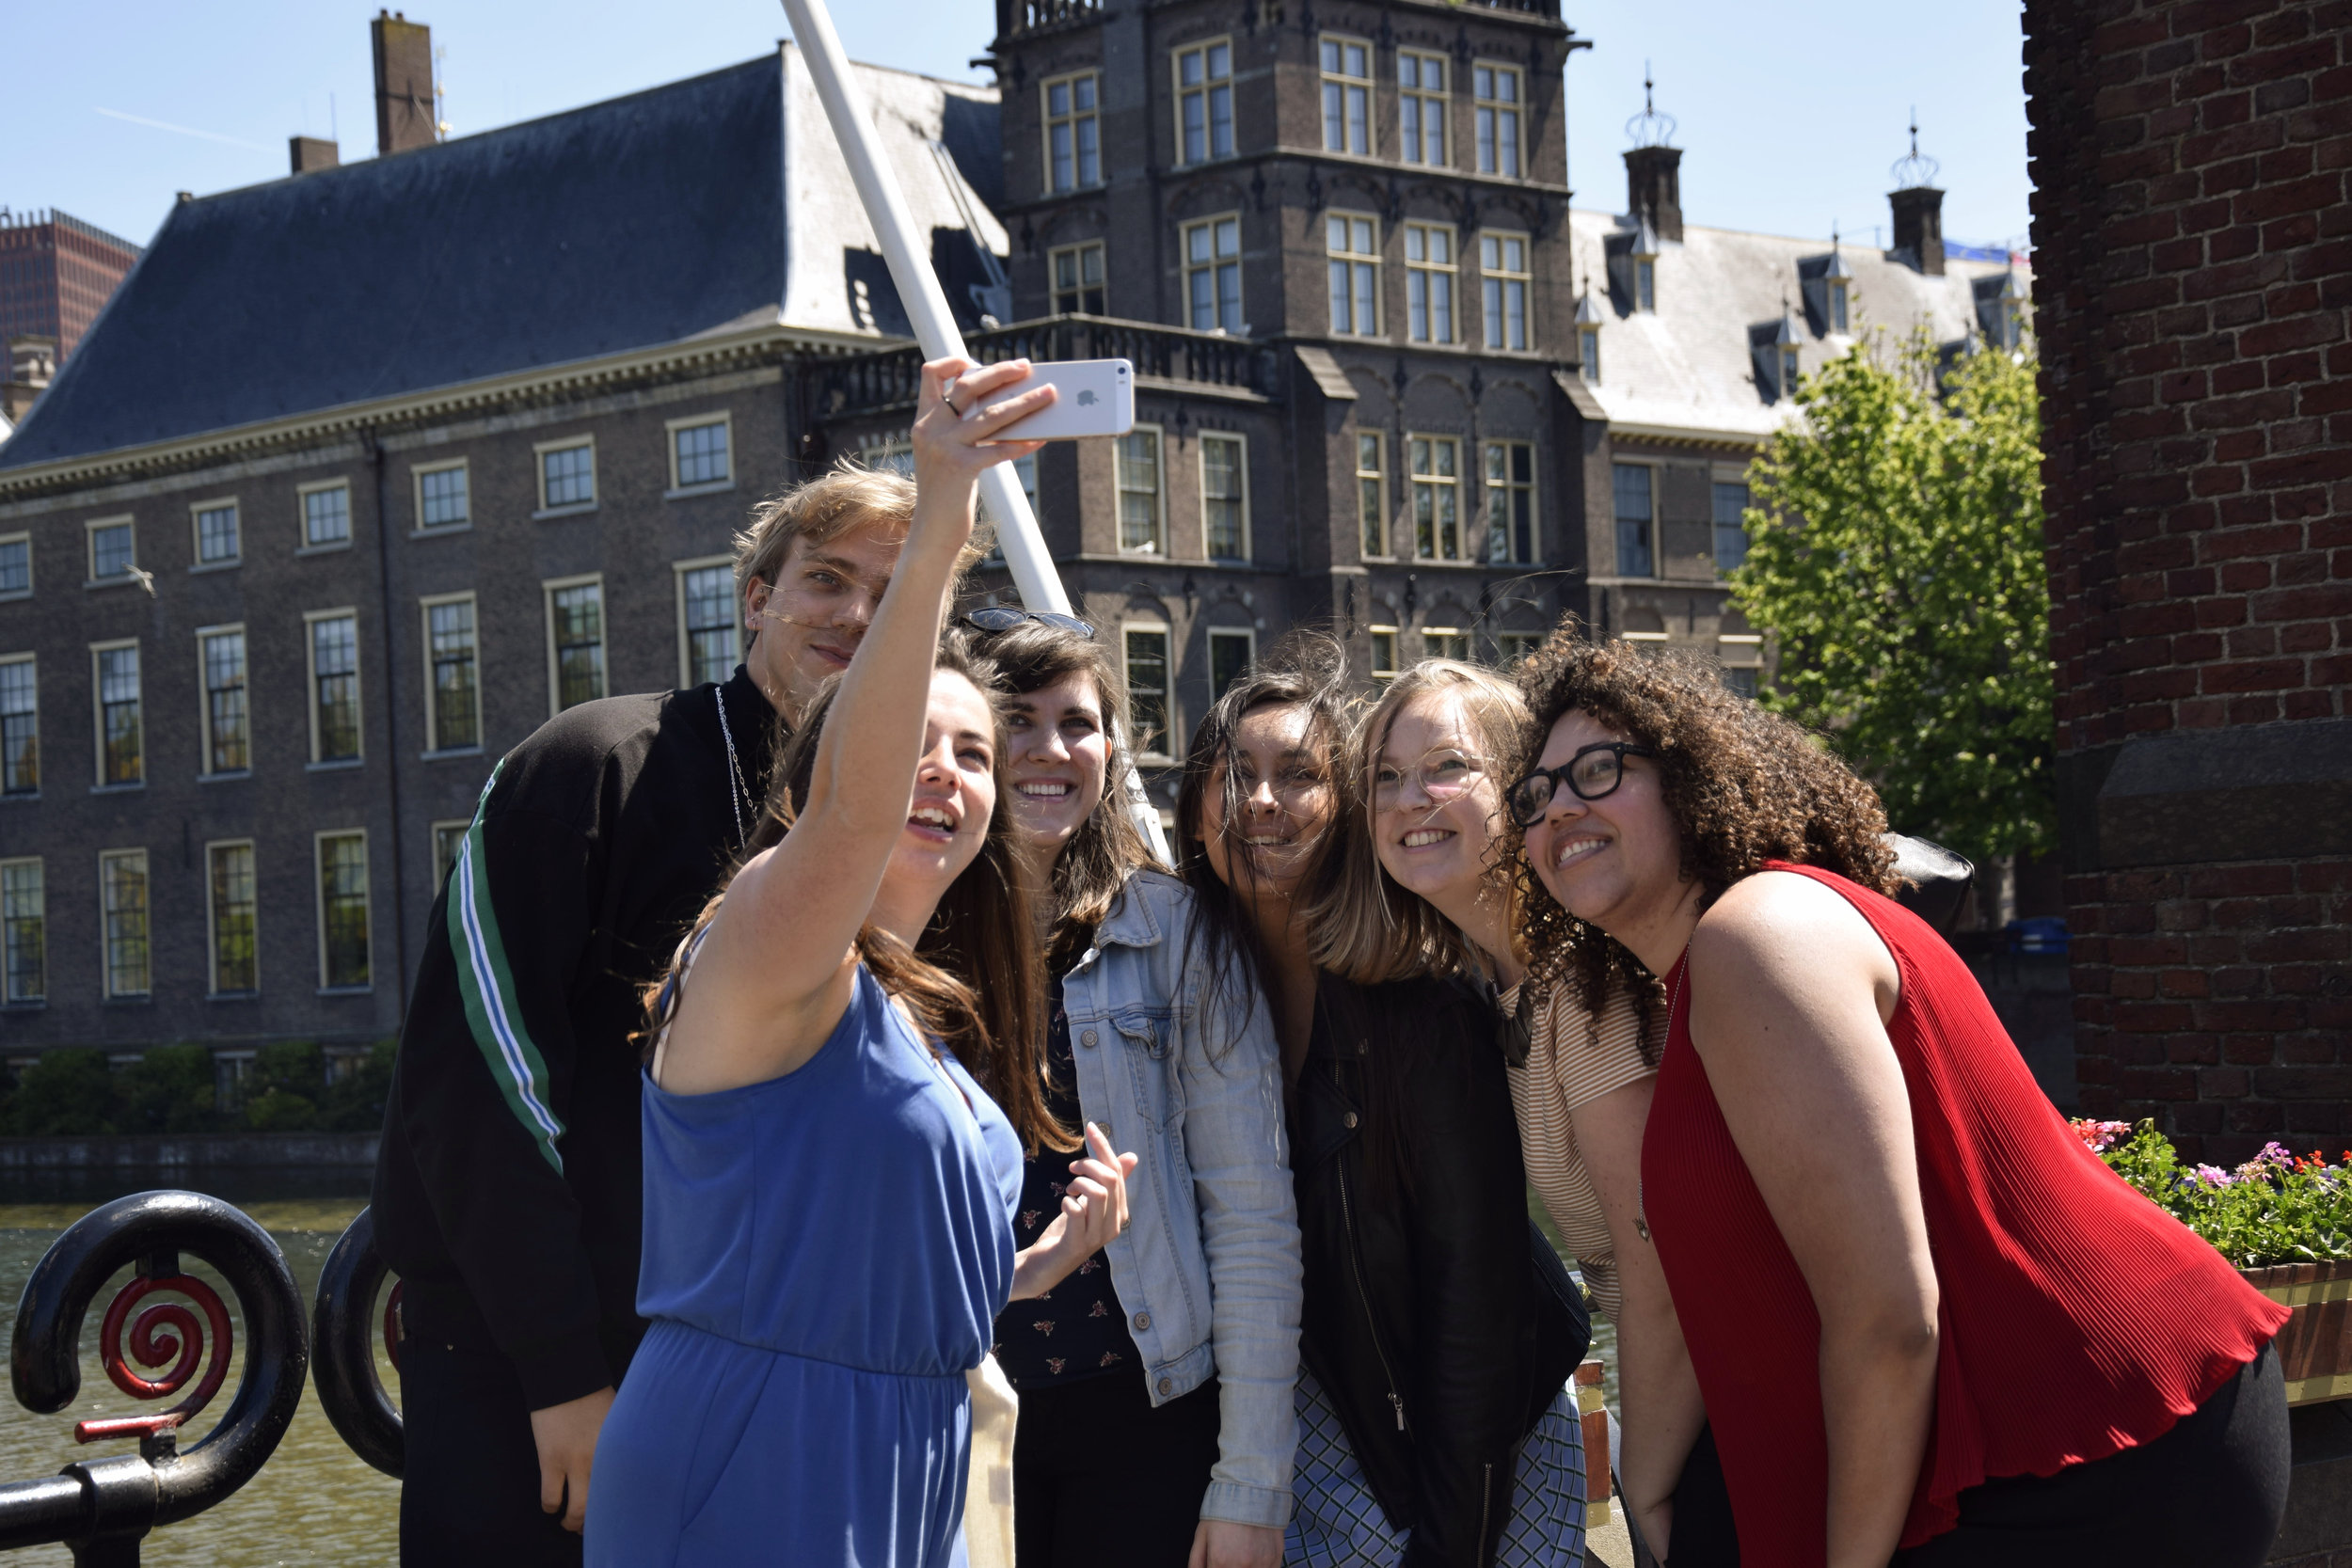 Privé groeps tour - Al onze rondleidingen zijn ook prive te boeken voor het teamuitje, jouw verjaardag, een vrijgezellenfeest of vriendenweekend!